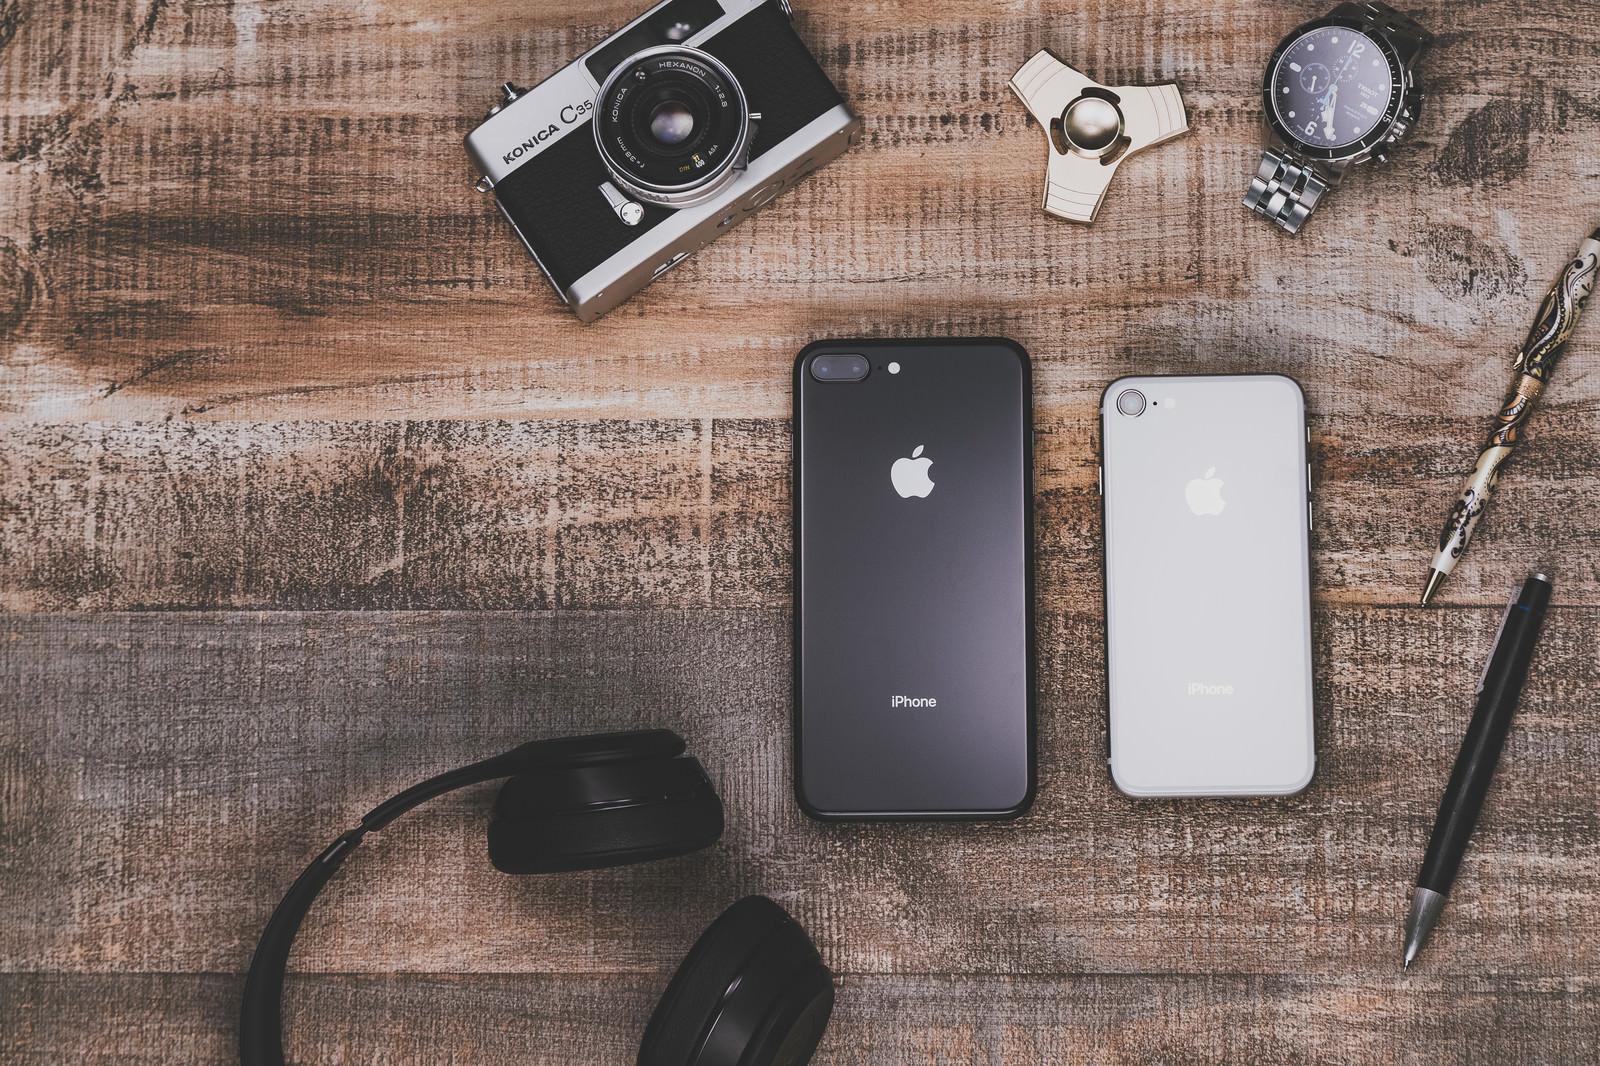 「テーブルの上に散らばったiPhoneや小物」の写真